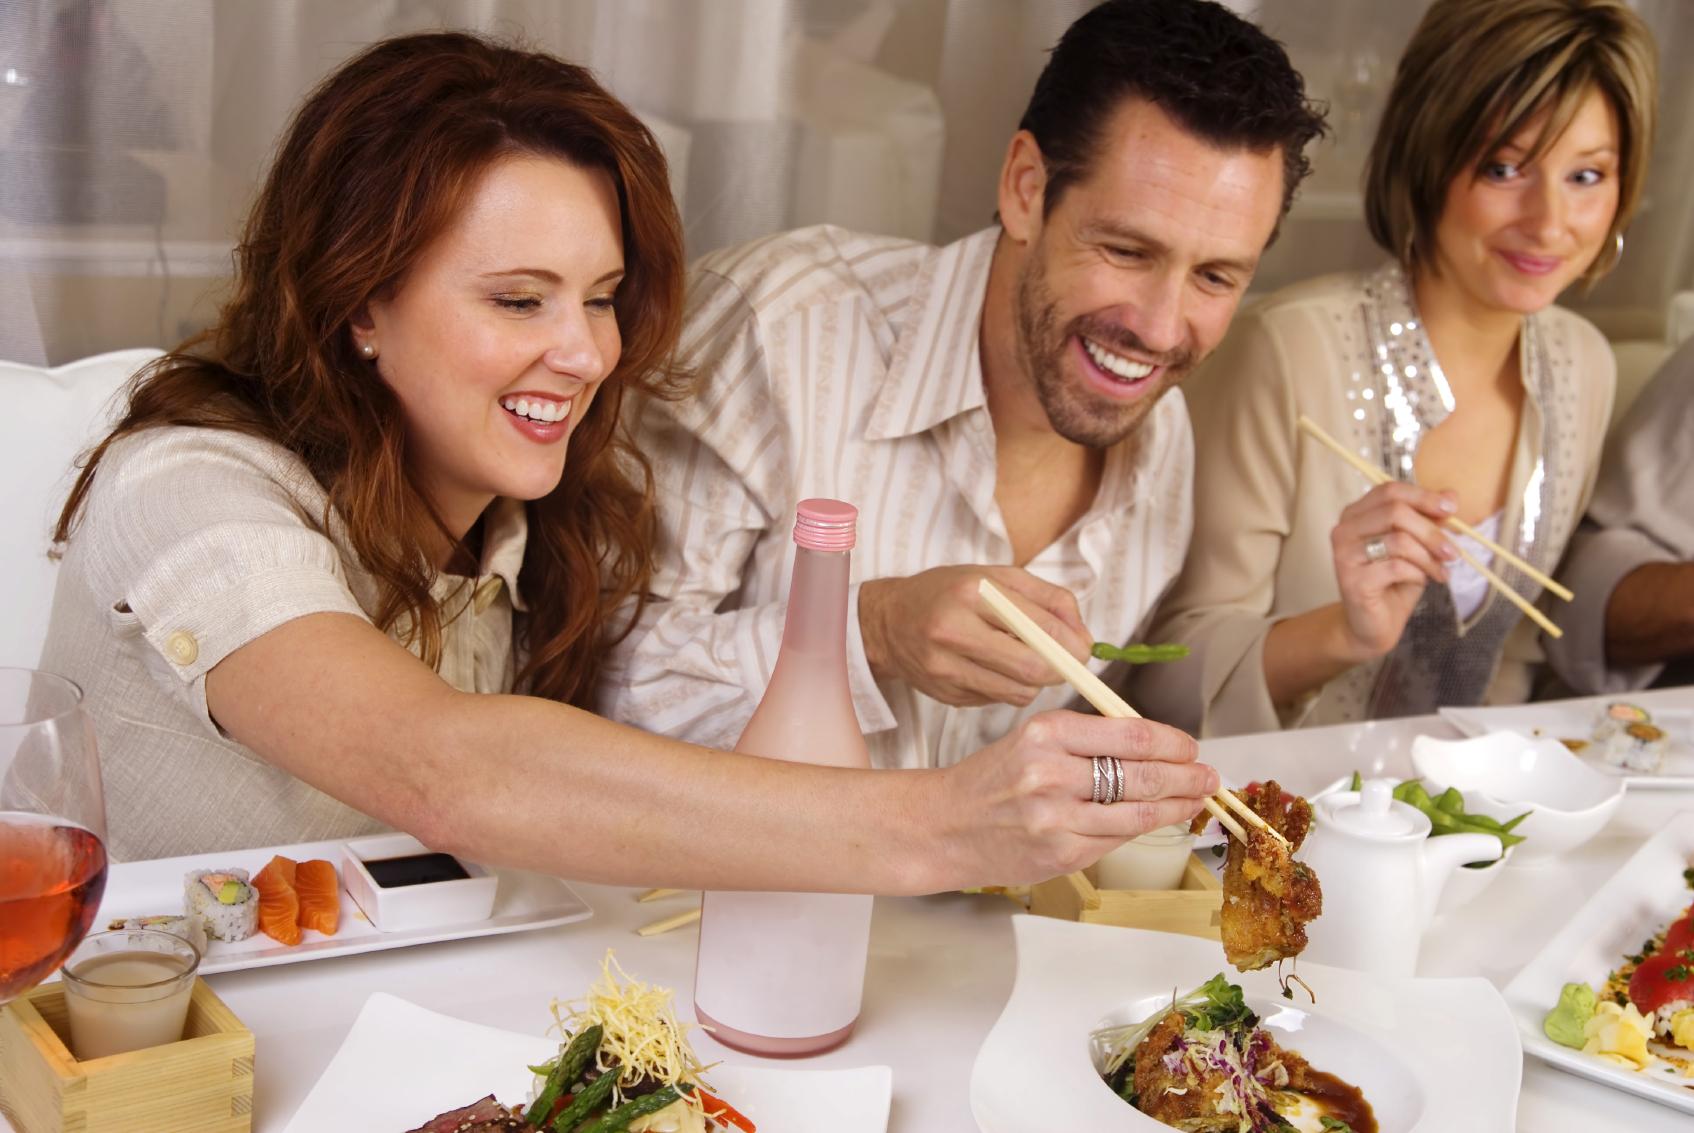 Mangiare sano fuori casa e in compagnia